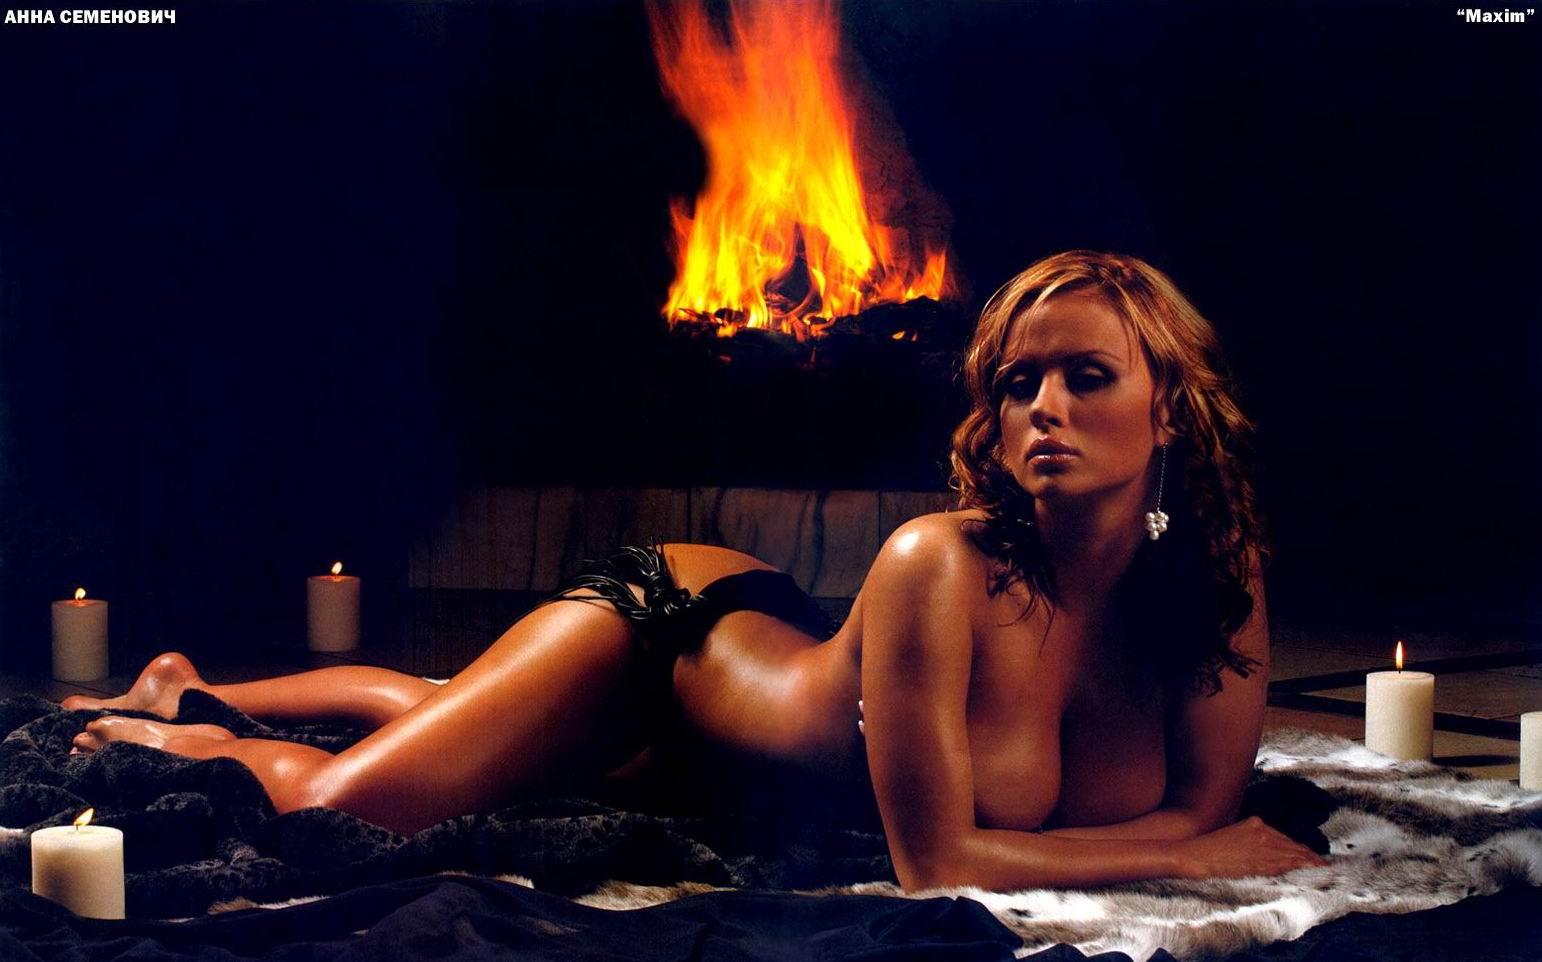 Фото русских знаменитостей для плейбоя, Российские актрисы, раздевшиеся для Playboy 9 фотография